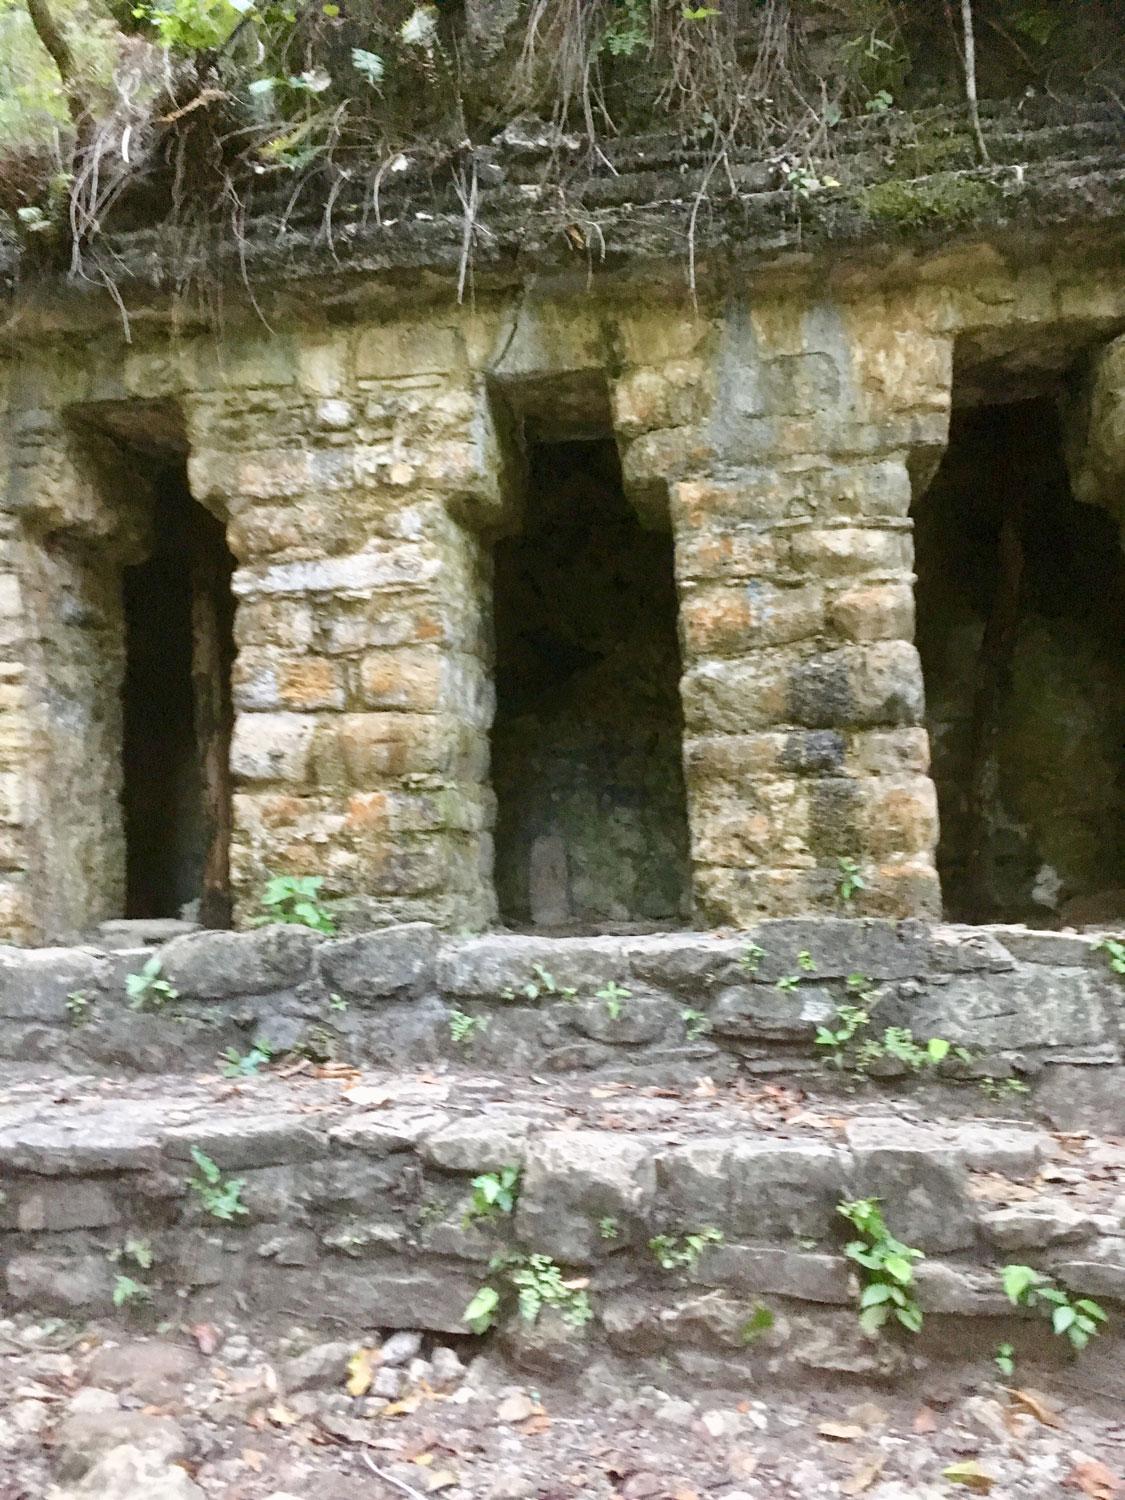 Hammocks_and_Ruins_Blog_Riviera_Maya_Mexico_Travel_Discover_Explore_What_to_do_Jungles_Lacanja_Ruins_28.jpg